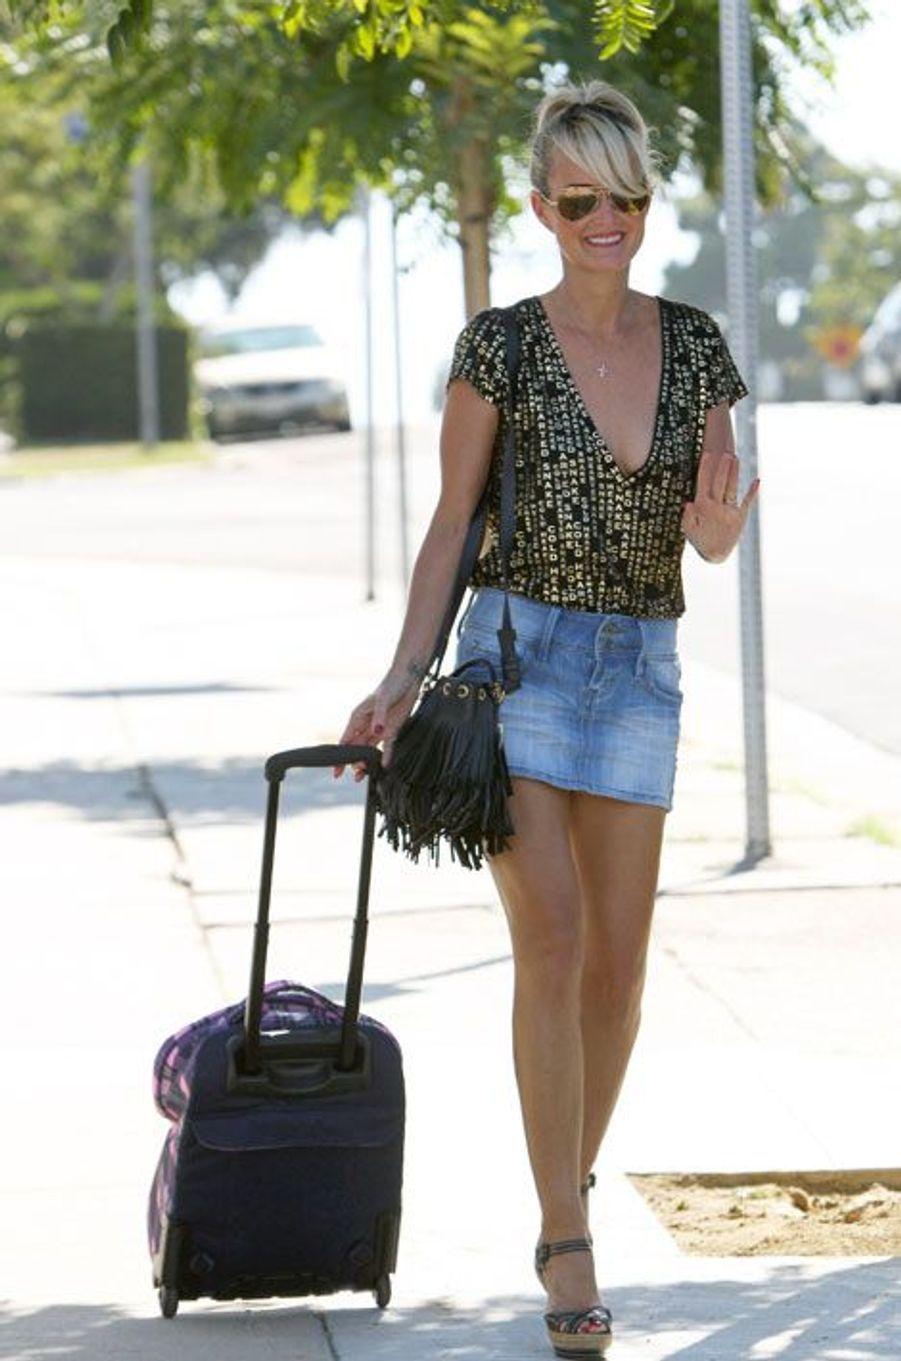 Laeticia Hallyday et son sac à franges pour emmener sa fille à l'école, le 12 septembre 2014 à Los Angeles